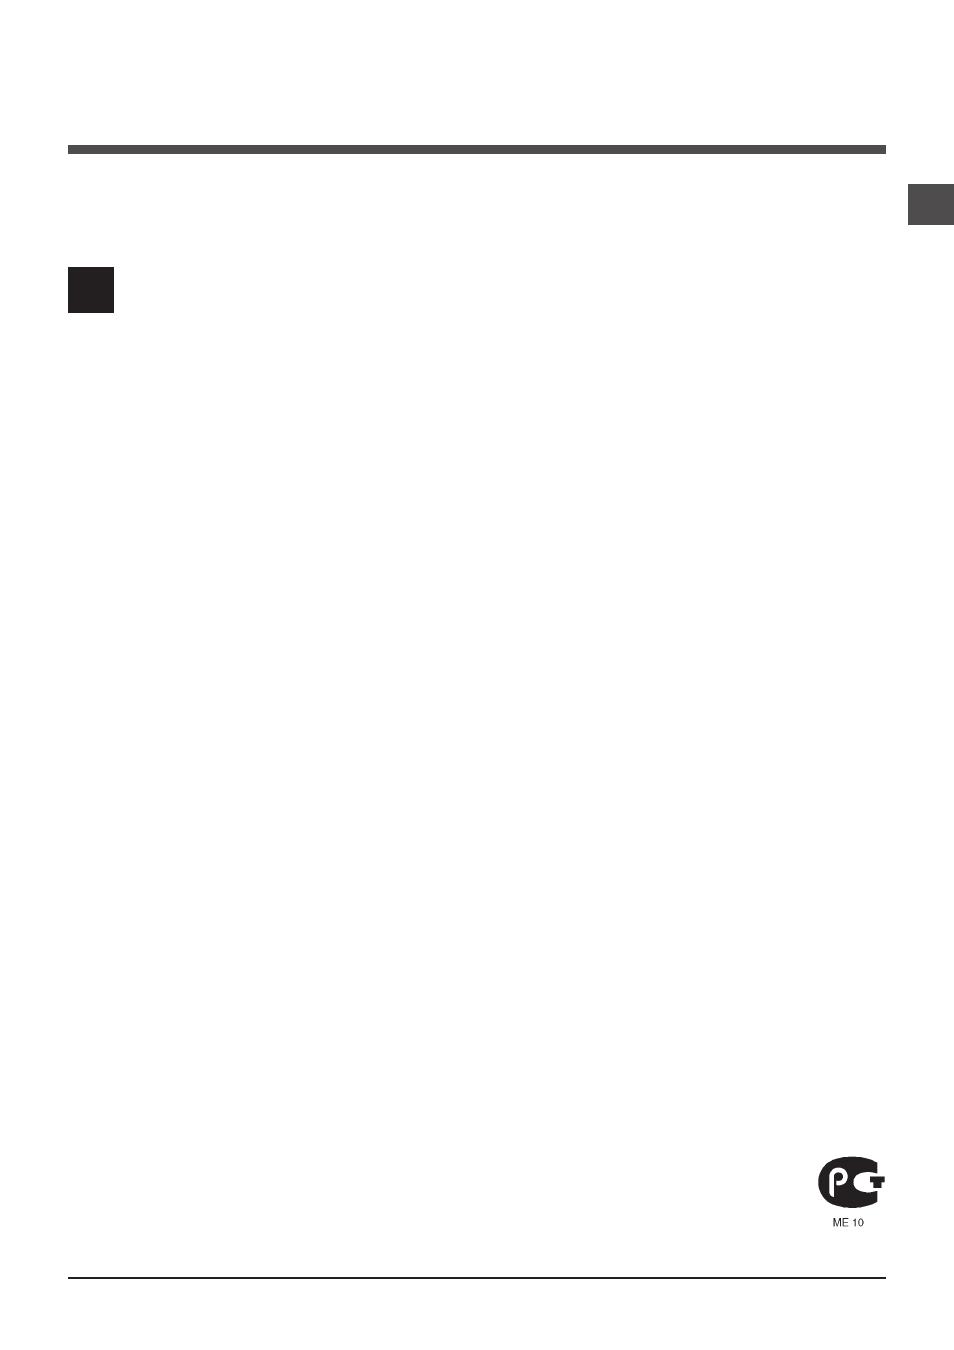 Hotpoint Ariston Wmsg 7105 инструкция - картинка 1